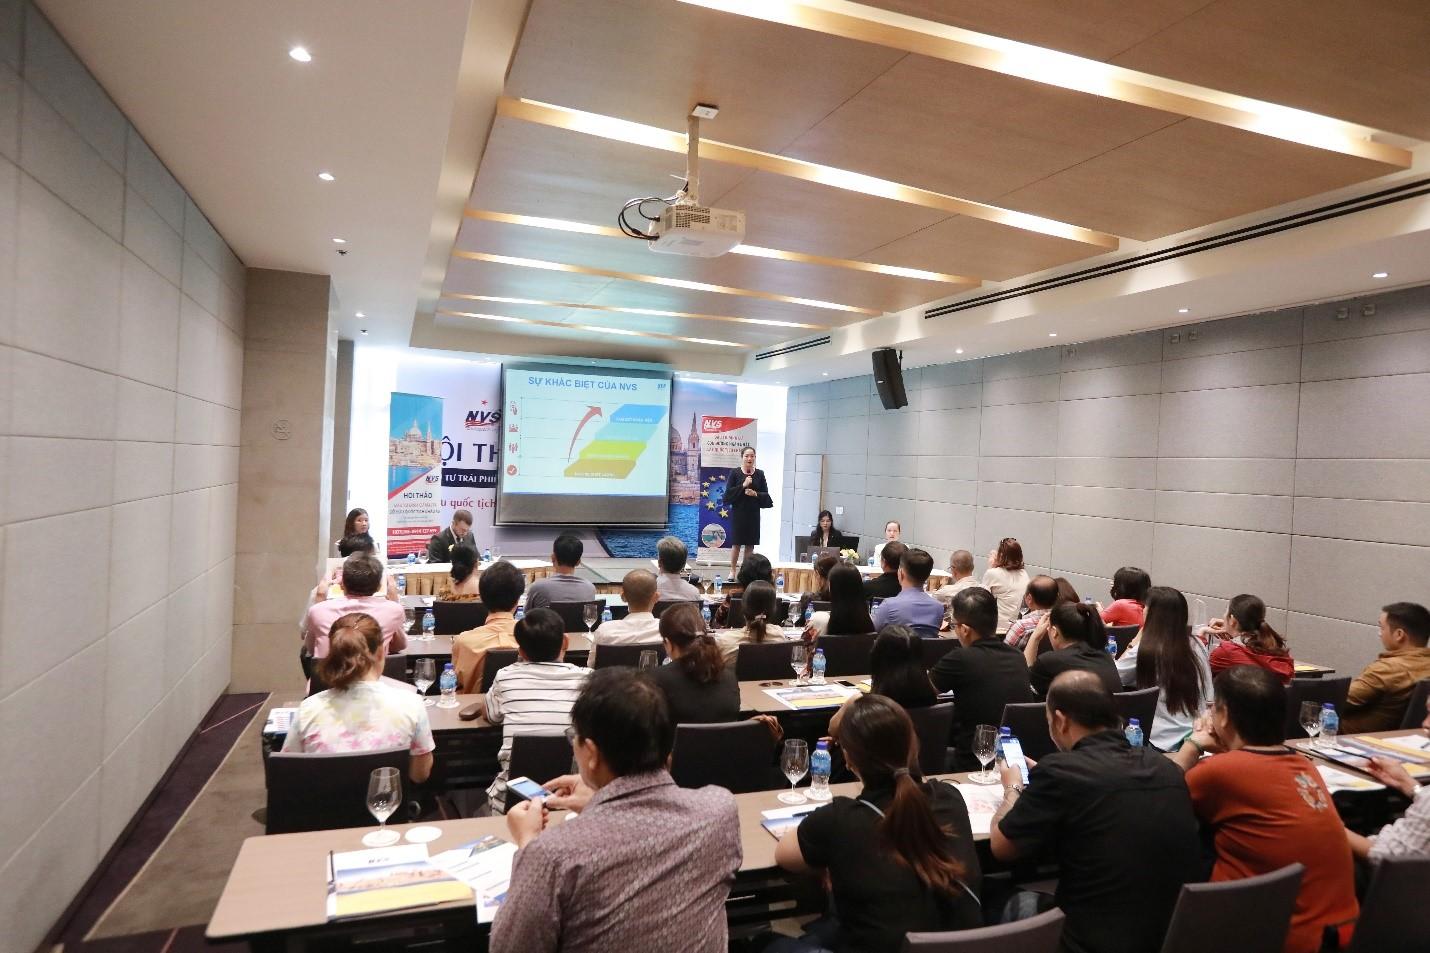 Số lượng khách tham dự hội thảo rất đông, vượt cả dự kiến của NVS